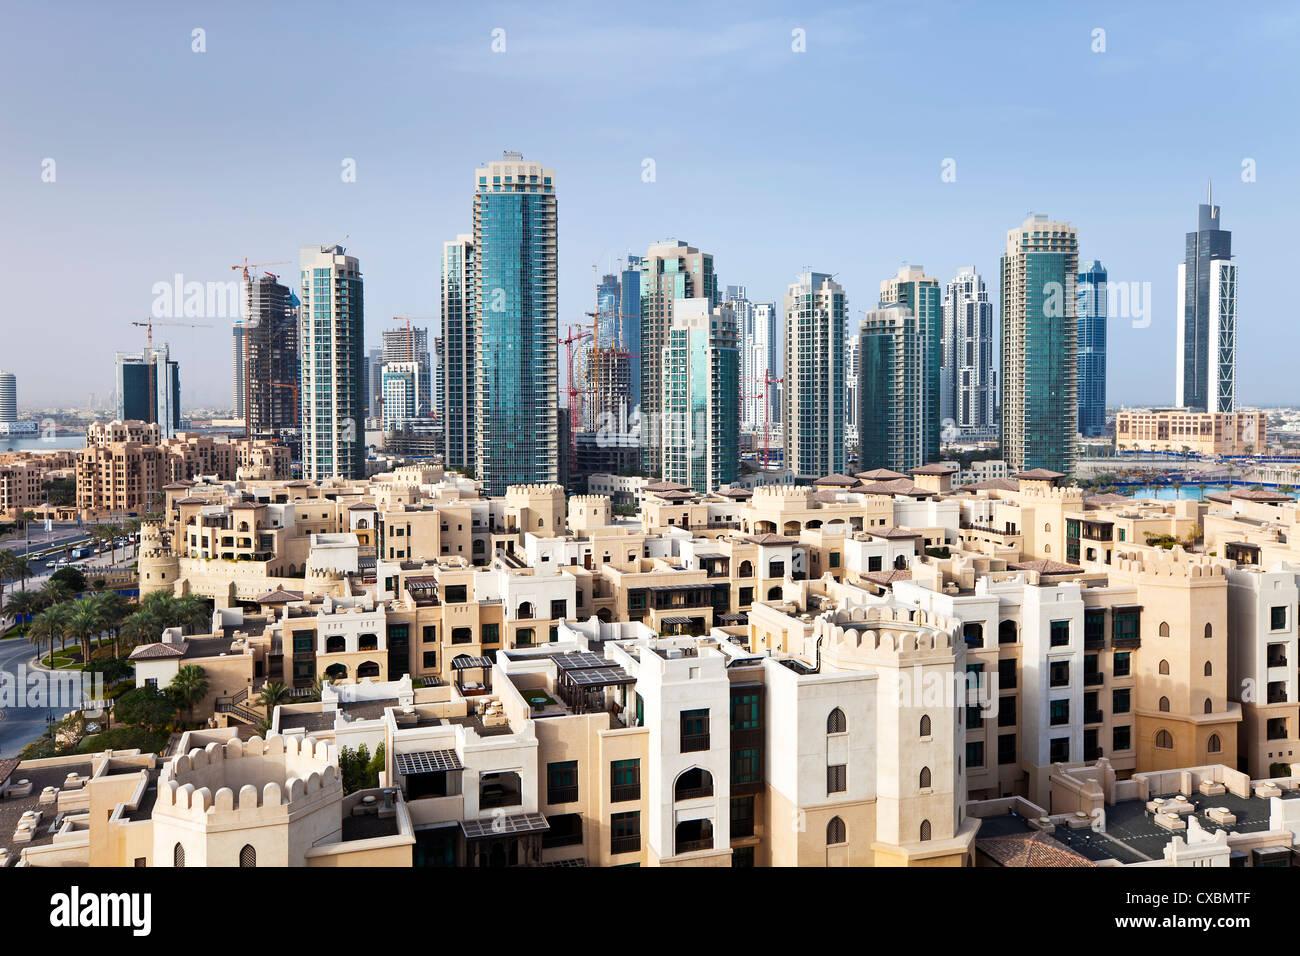 El perfil de la ciudad, vistas elevadas del Dubai Mall y del Burj Khalifa Park, Dubai, Emiratos Árabes Unidos, Imagen De Stock